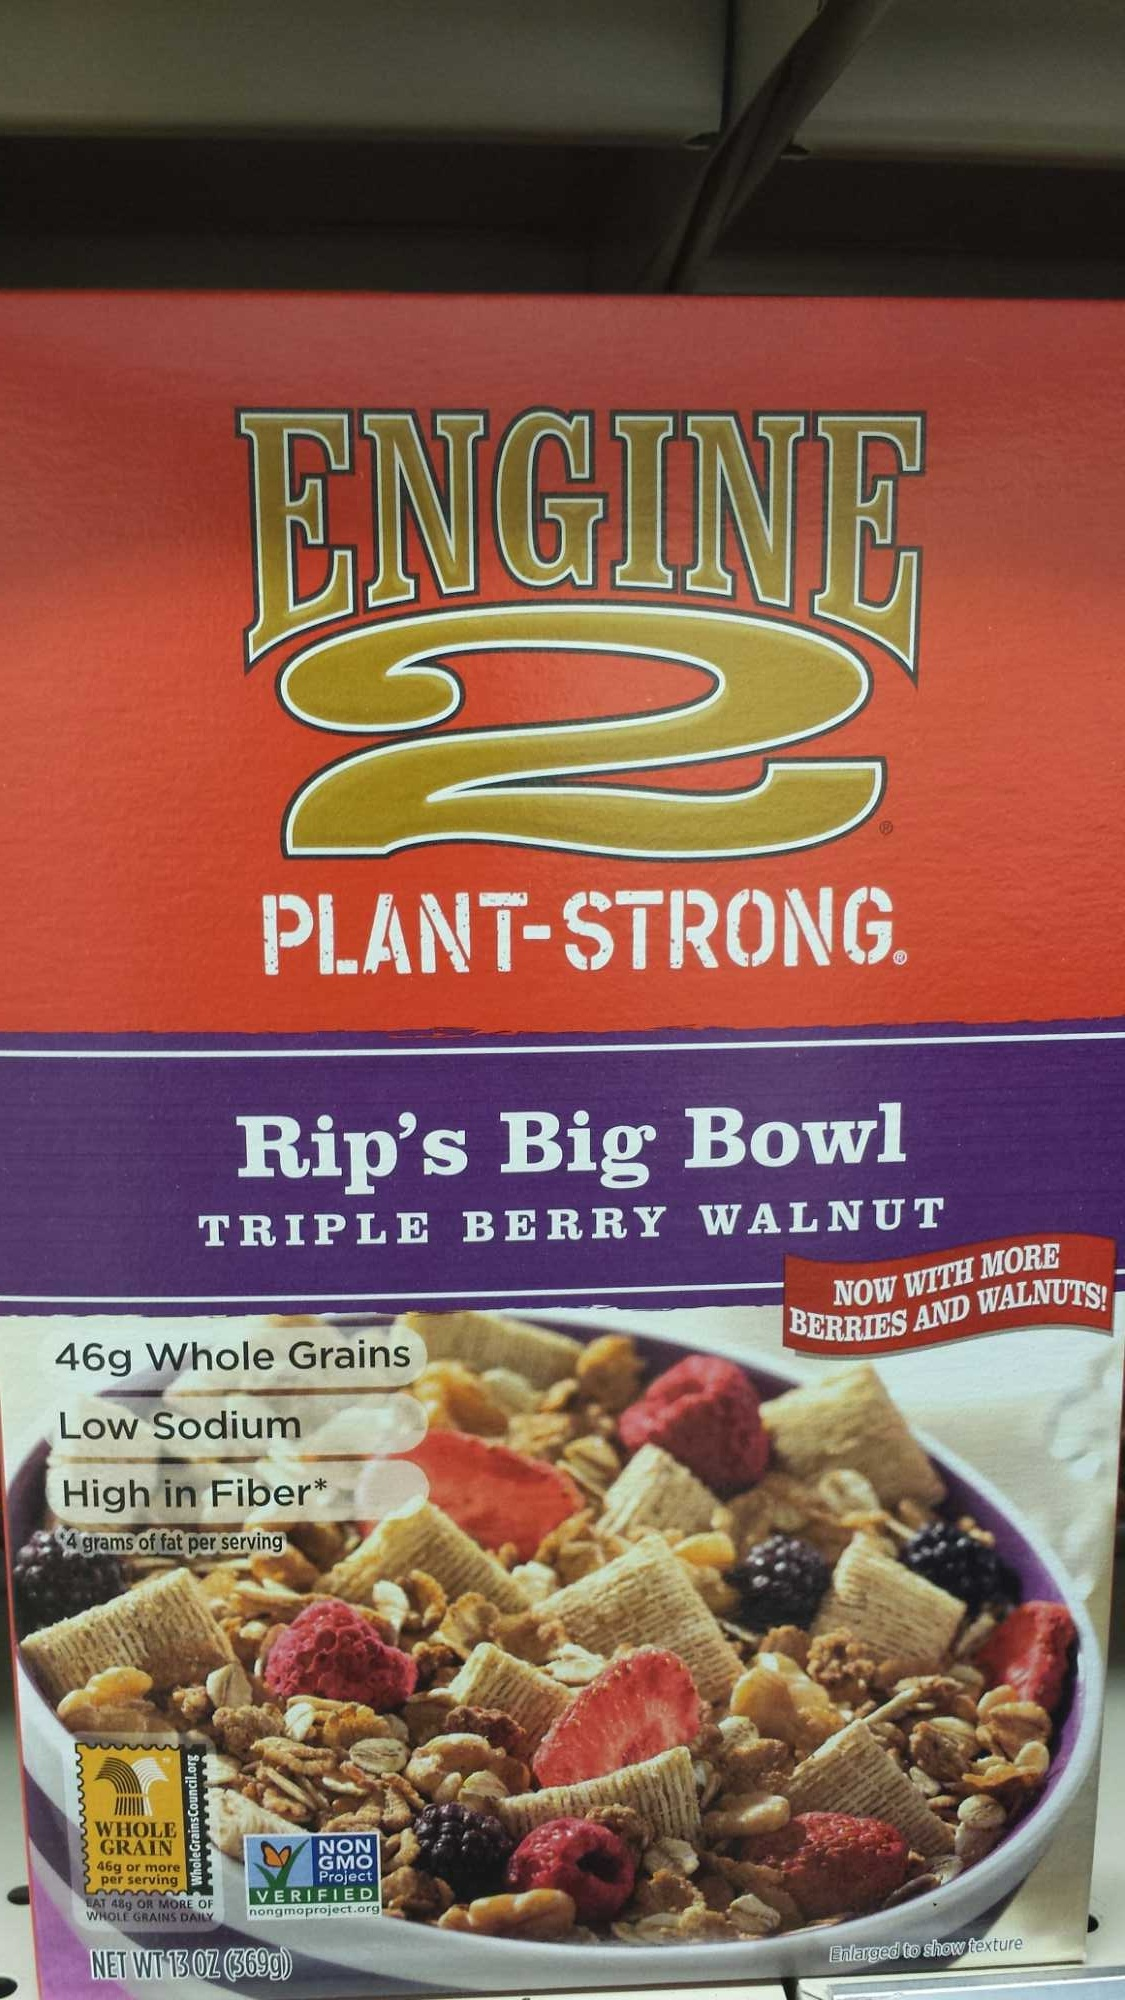 Rip's Big Bowl Triple Berry Walnut - Product